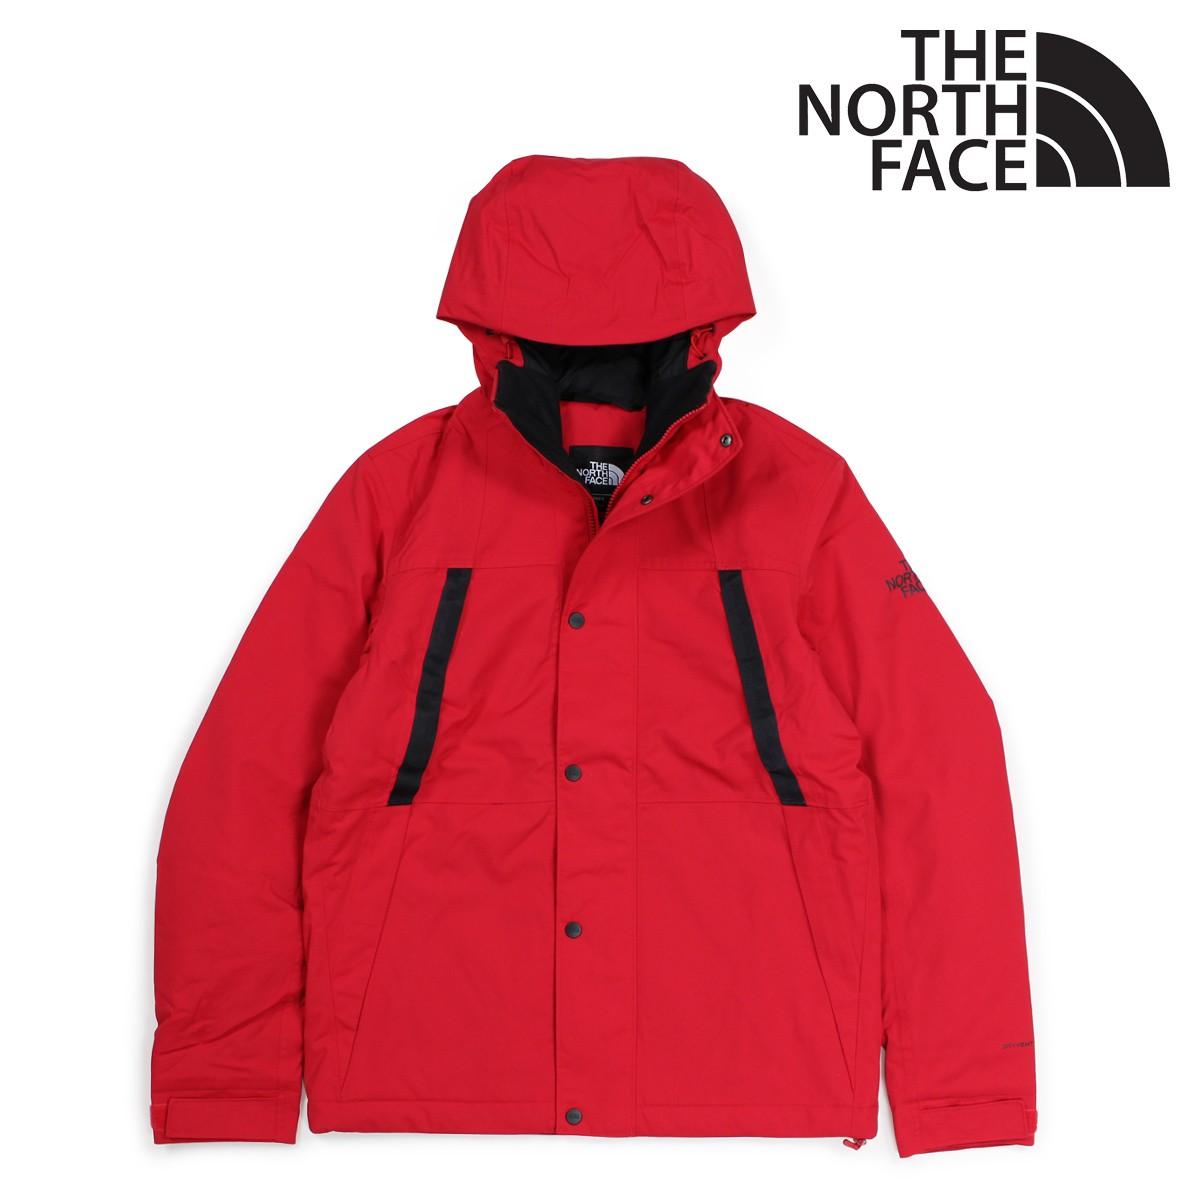 THE NORTH FACE MENS STETLER INSULATED RAIN JACKET ノースフェイス ジャケット レインジャケット メンズ レッド NF0A3EQ8 [3/7 新入荷] [183]